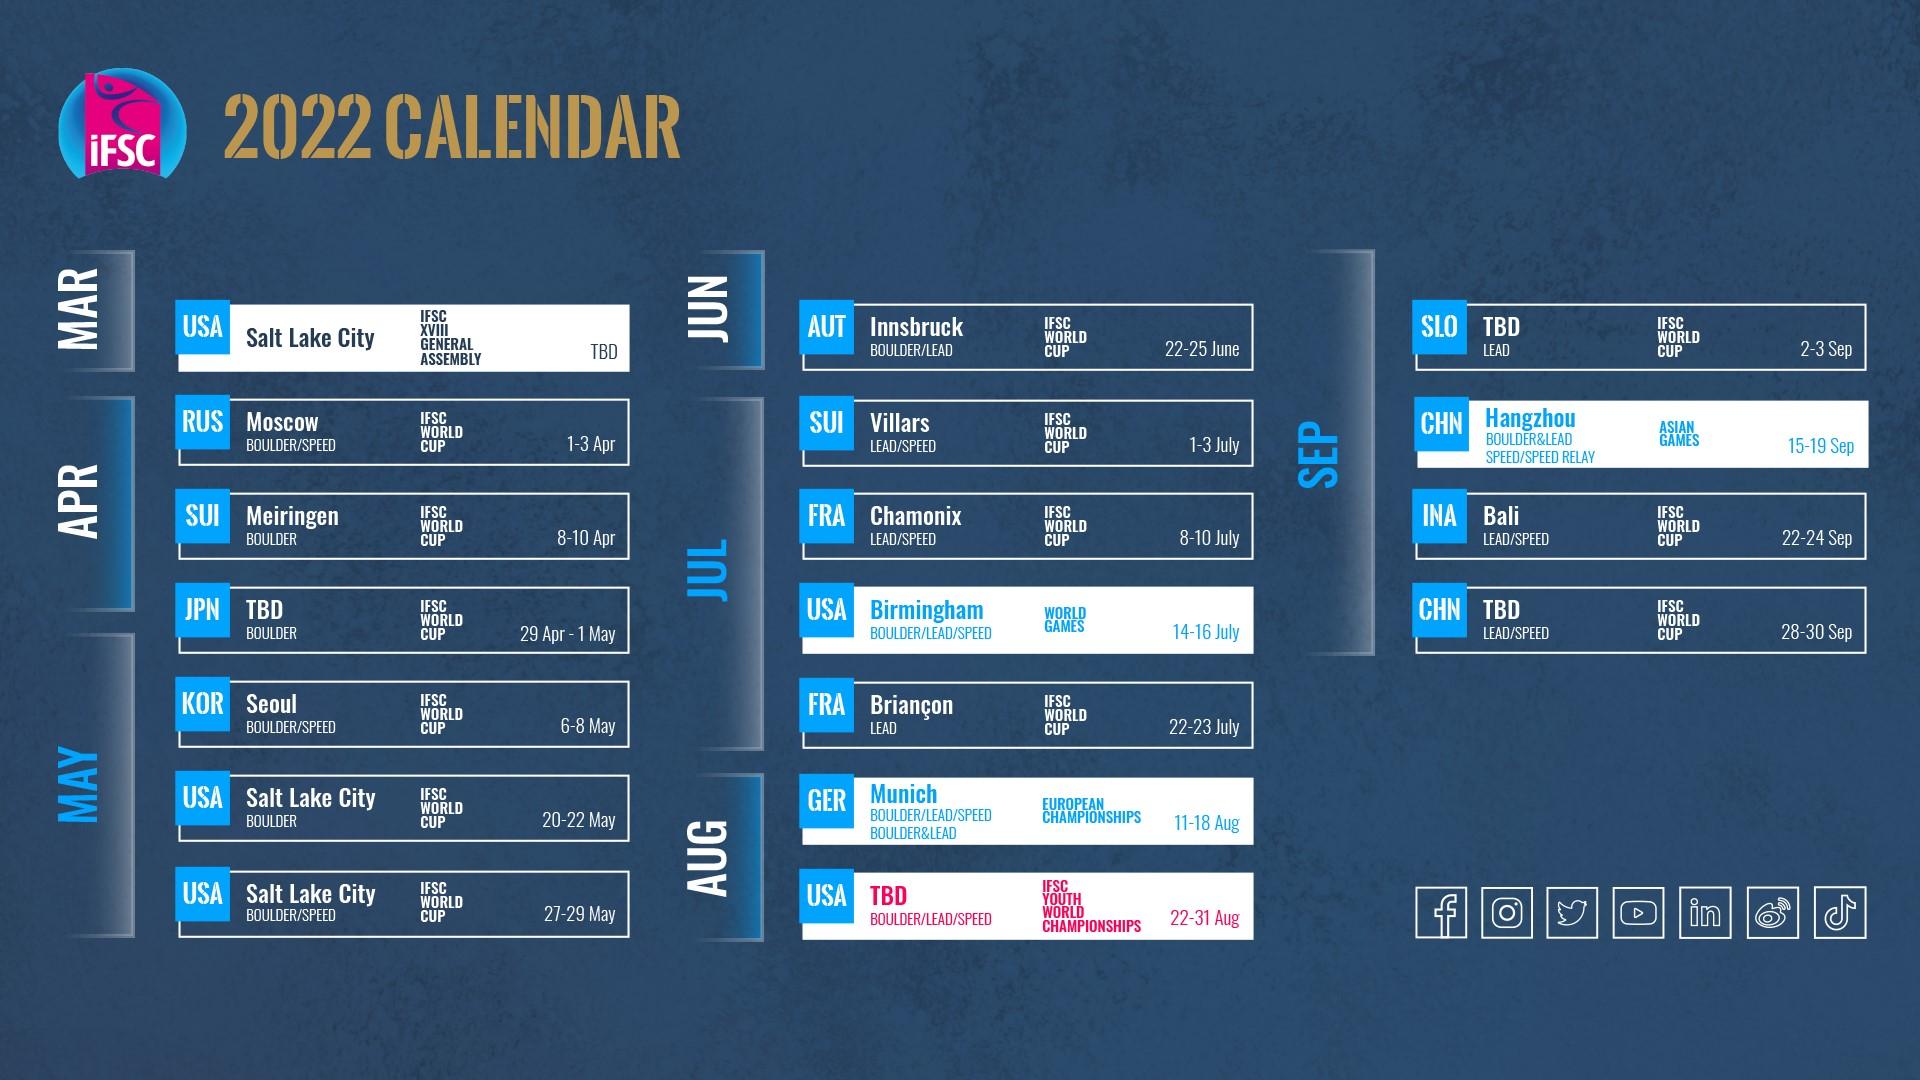 Calendrier IFSC de la Coupe du monde d'escalade 2022, deux étapes prévues en France à Chamonix et Briançon cet été